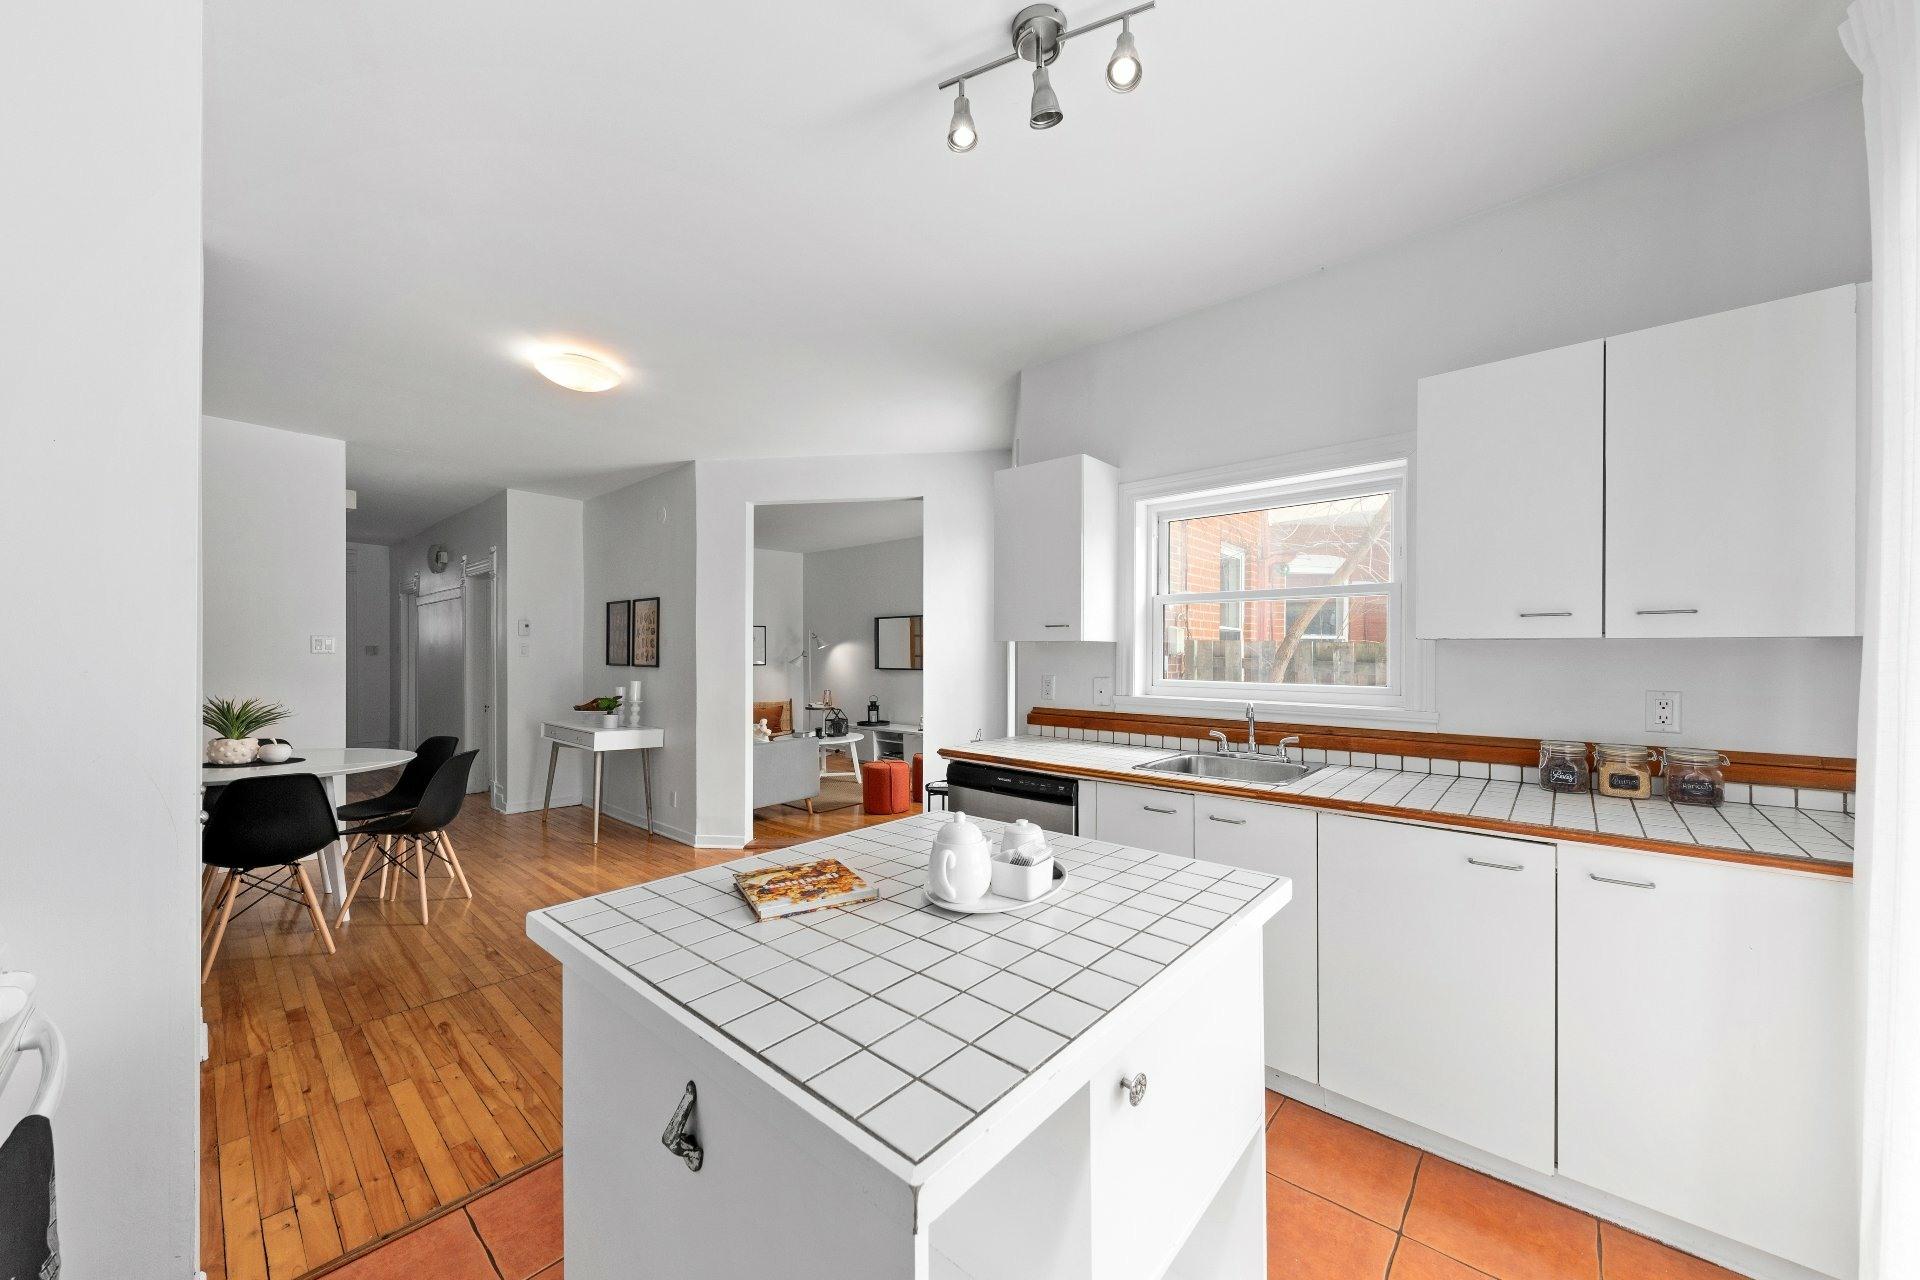 image 19 - Duplex For sale Le Plateau-Mont-Royal Montréal  - 5 rooms